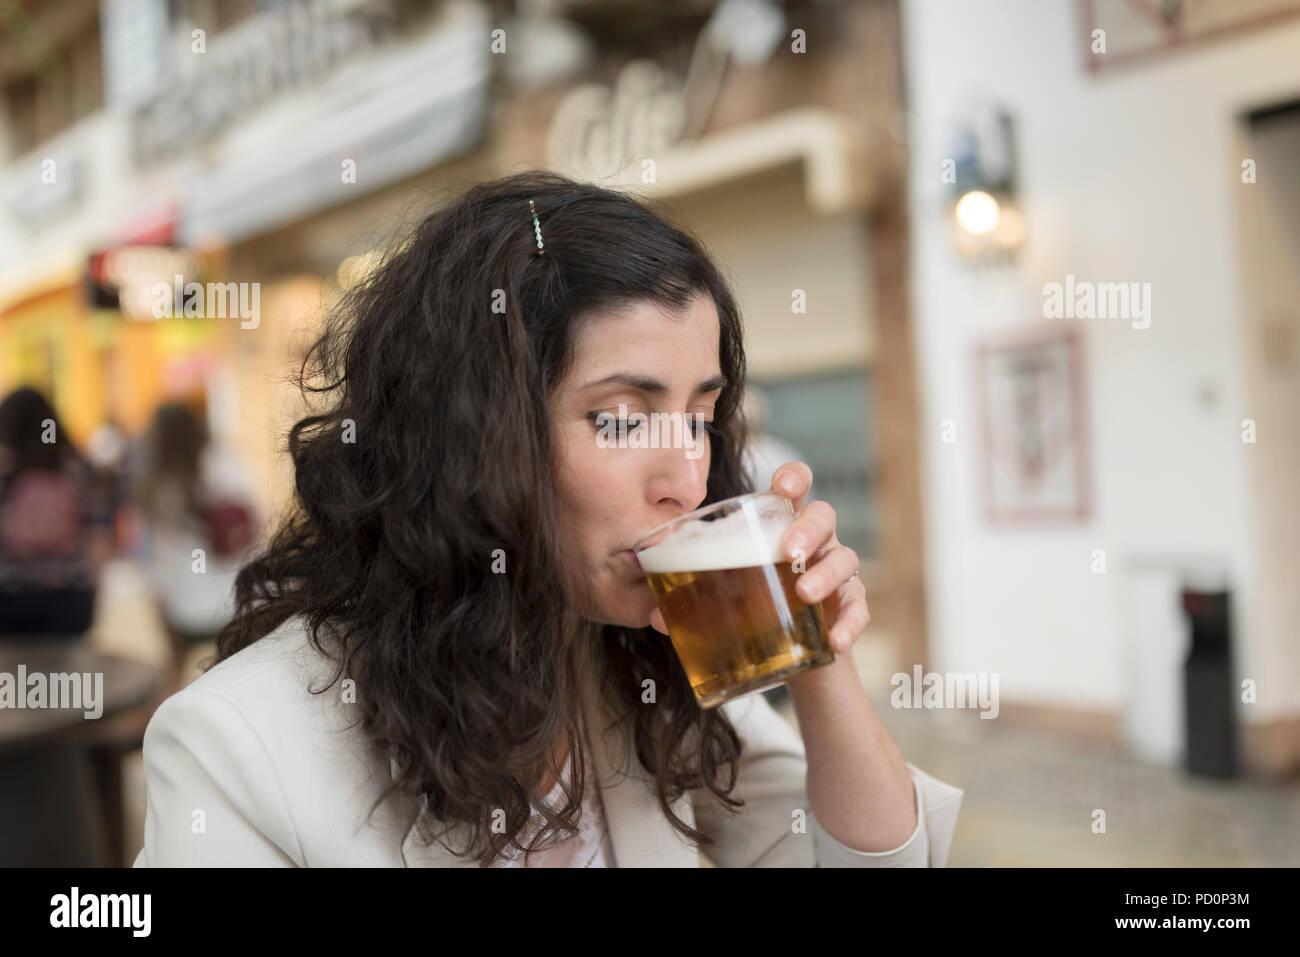 Mujer Bebiendo Cerveza En El Bar De La Terraza Foto Imagen